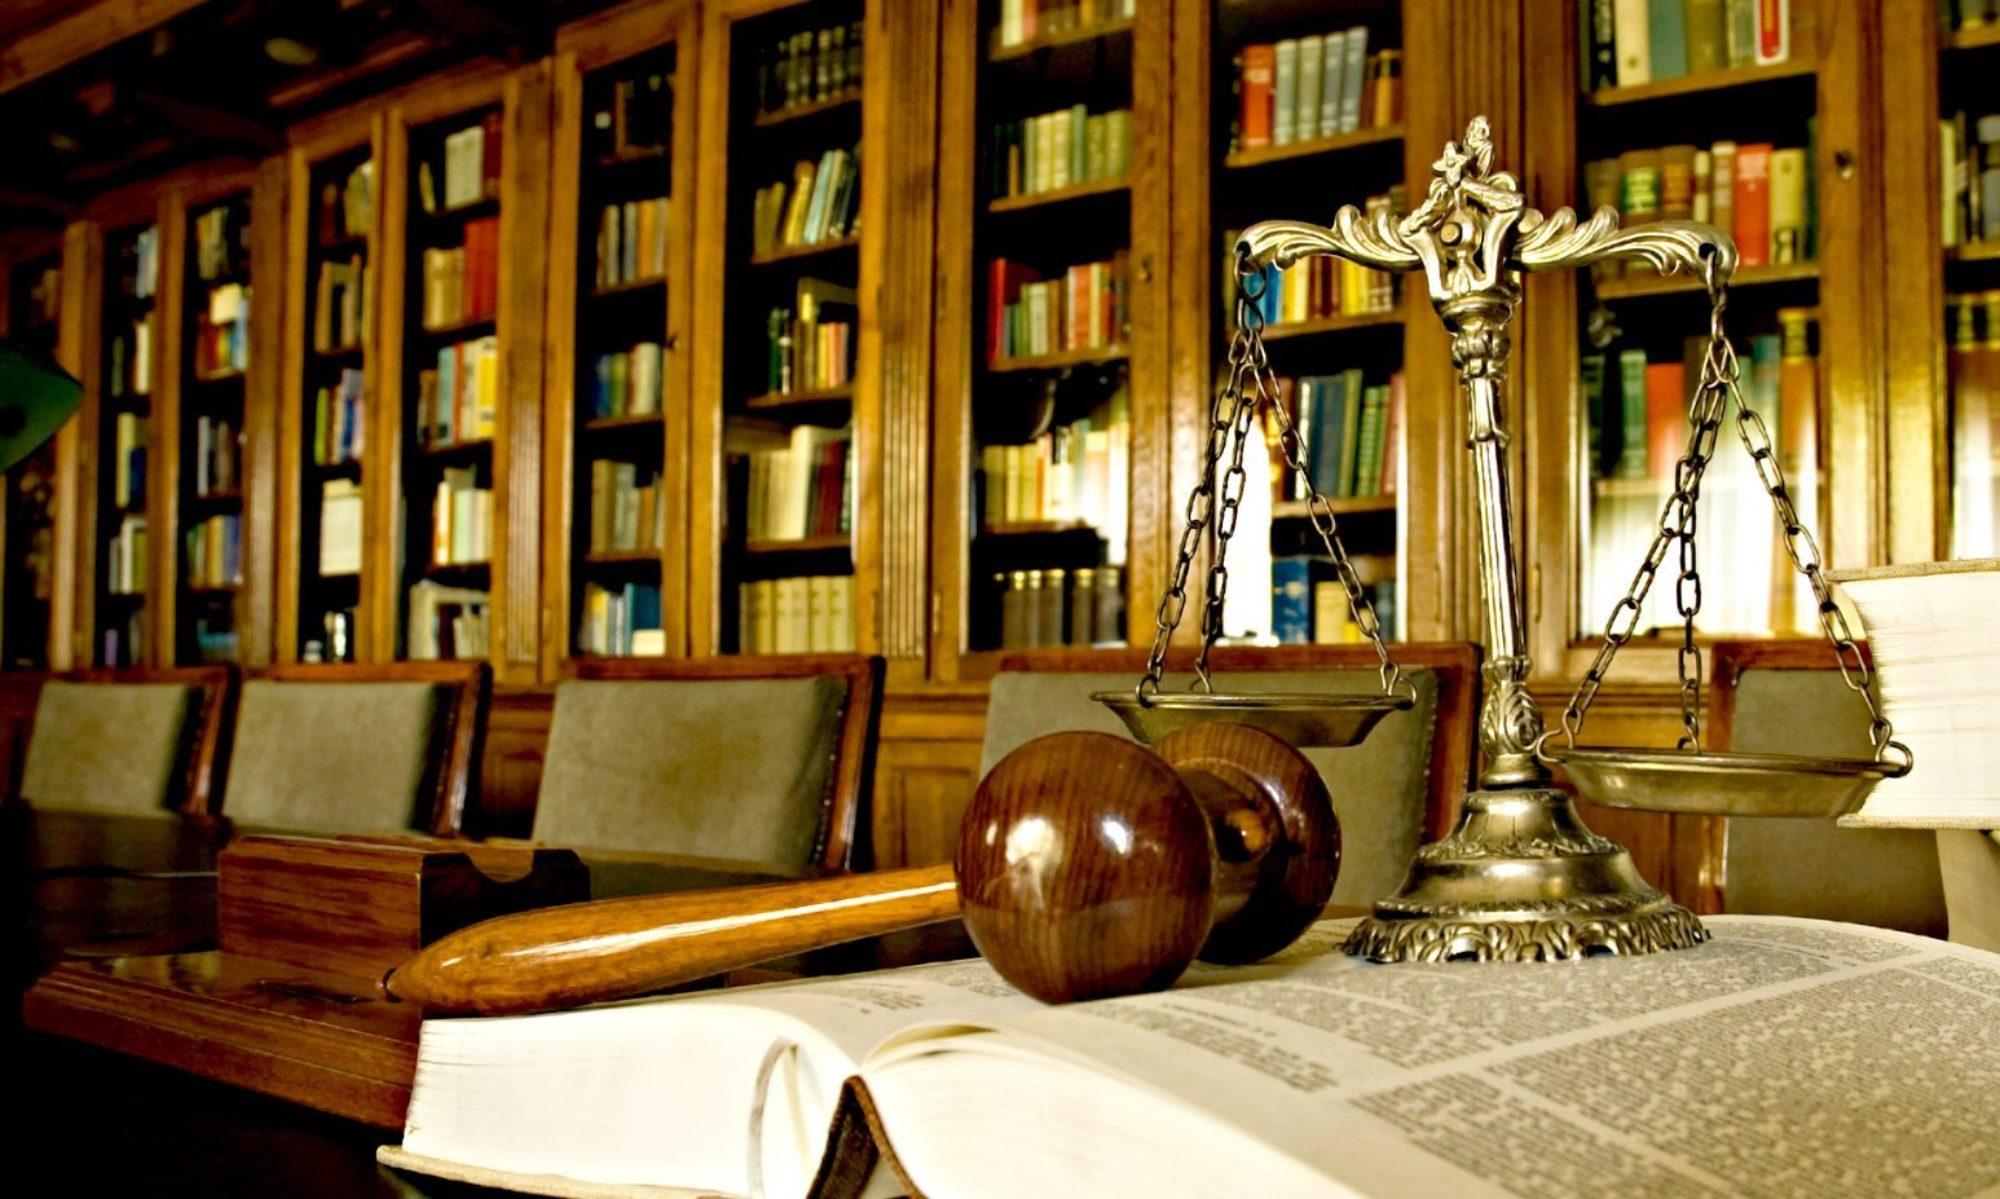 Legal Transcription Service